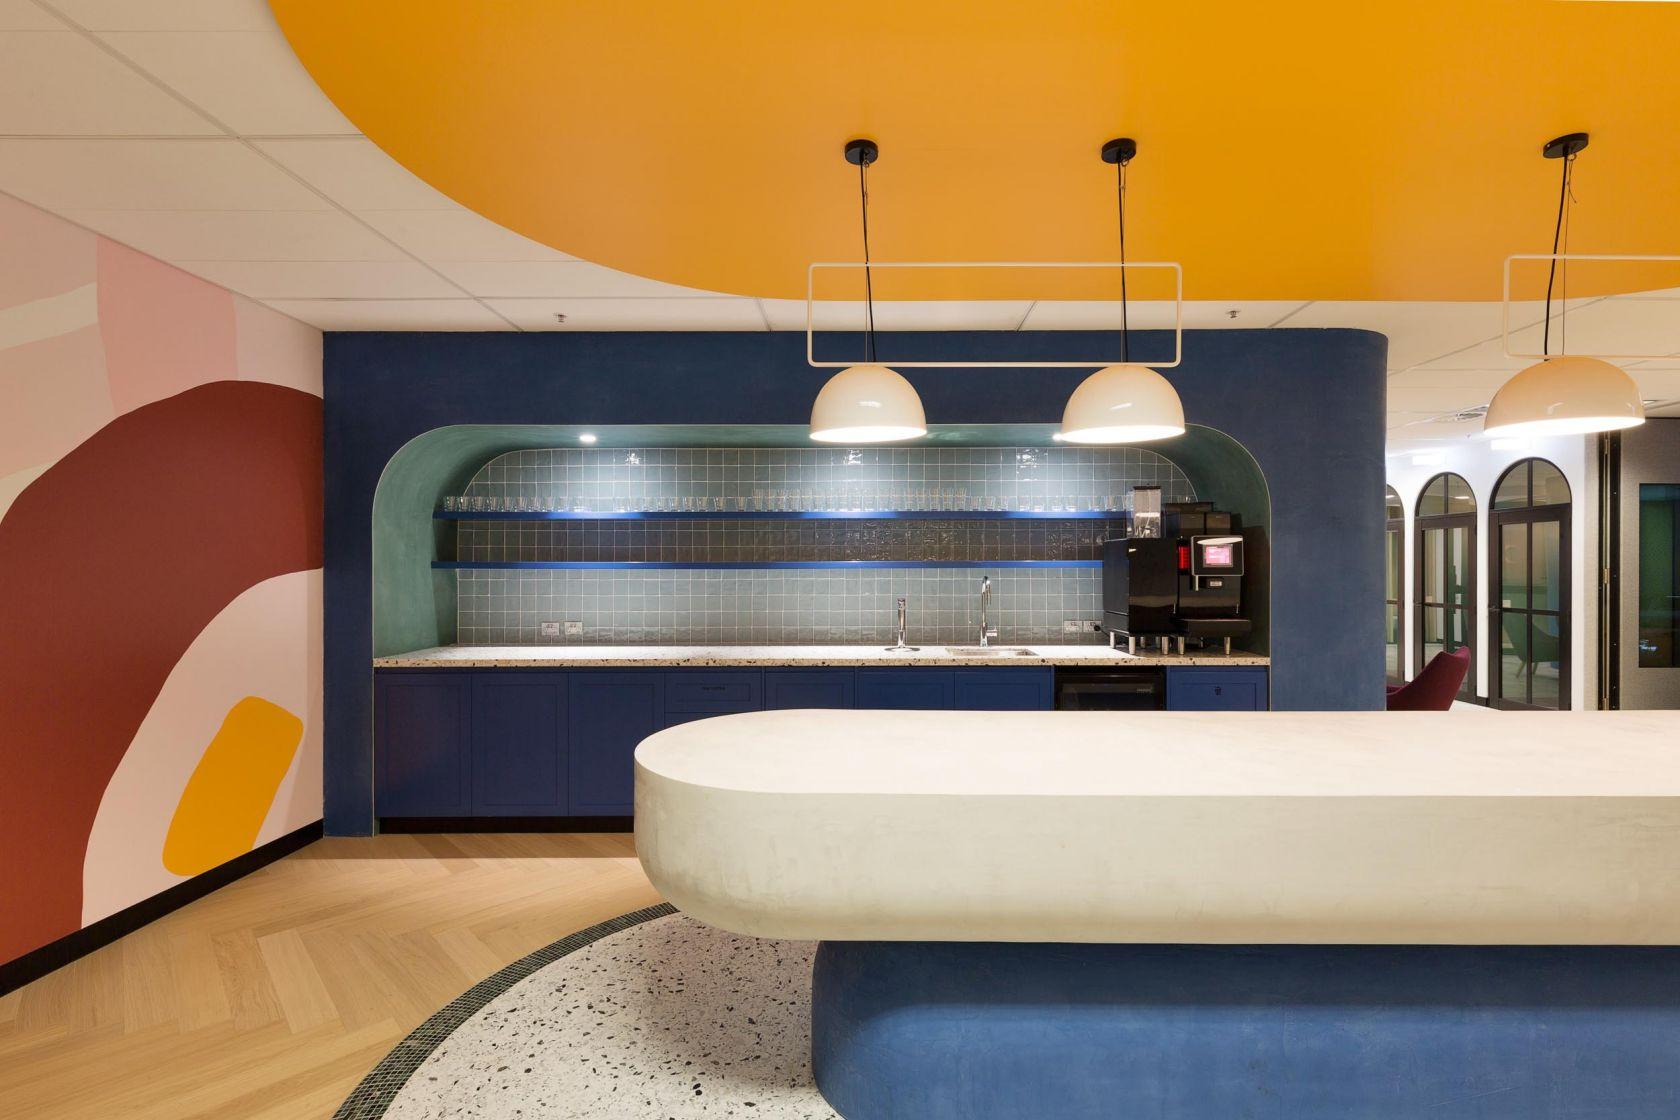 microsoft technology centre sydney kitchen